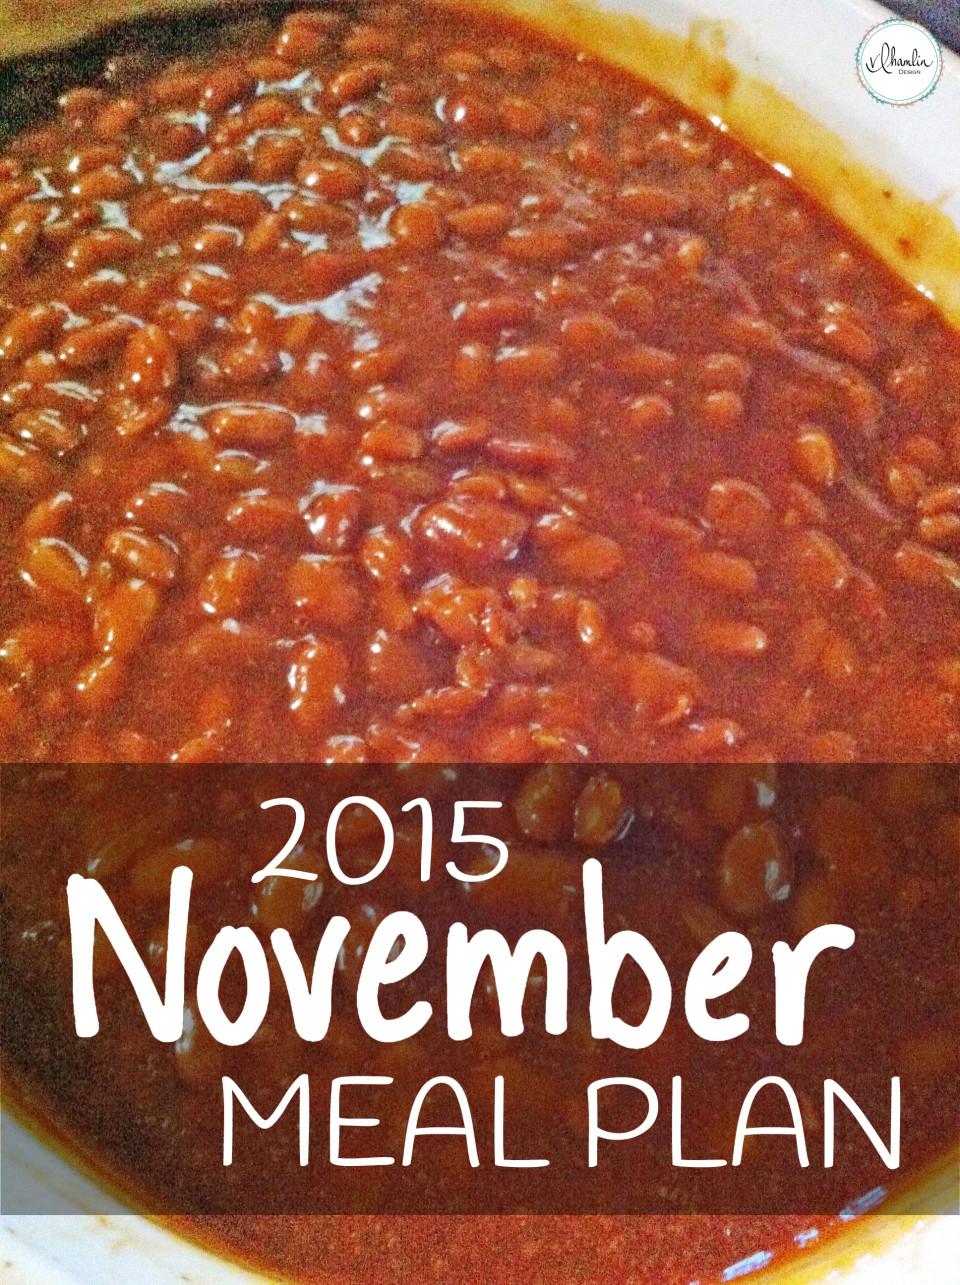 November 2015 Meal Plan